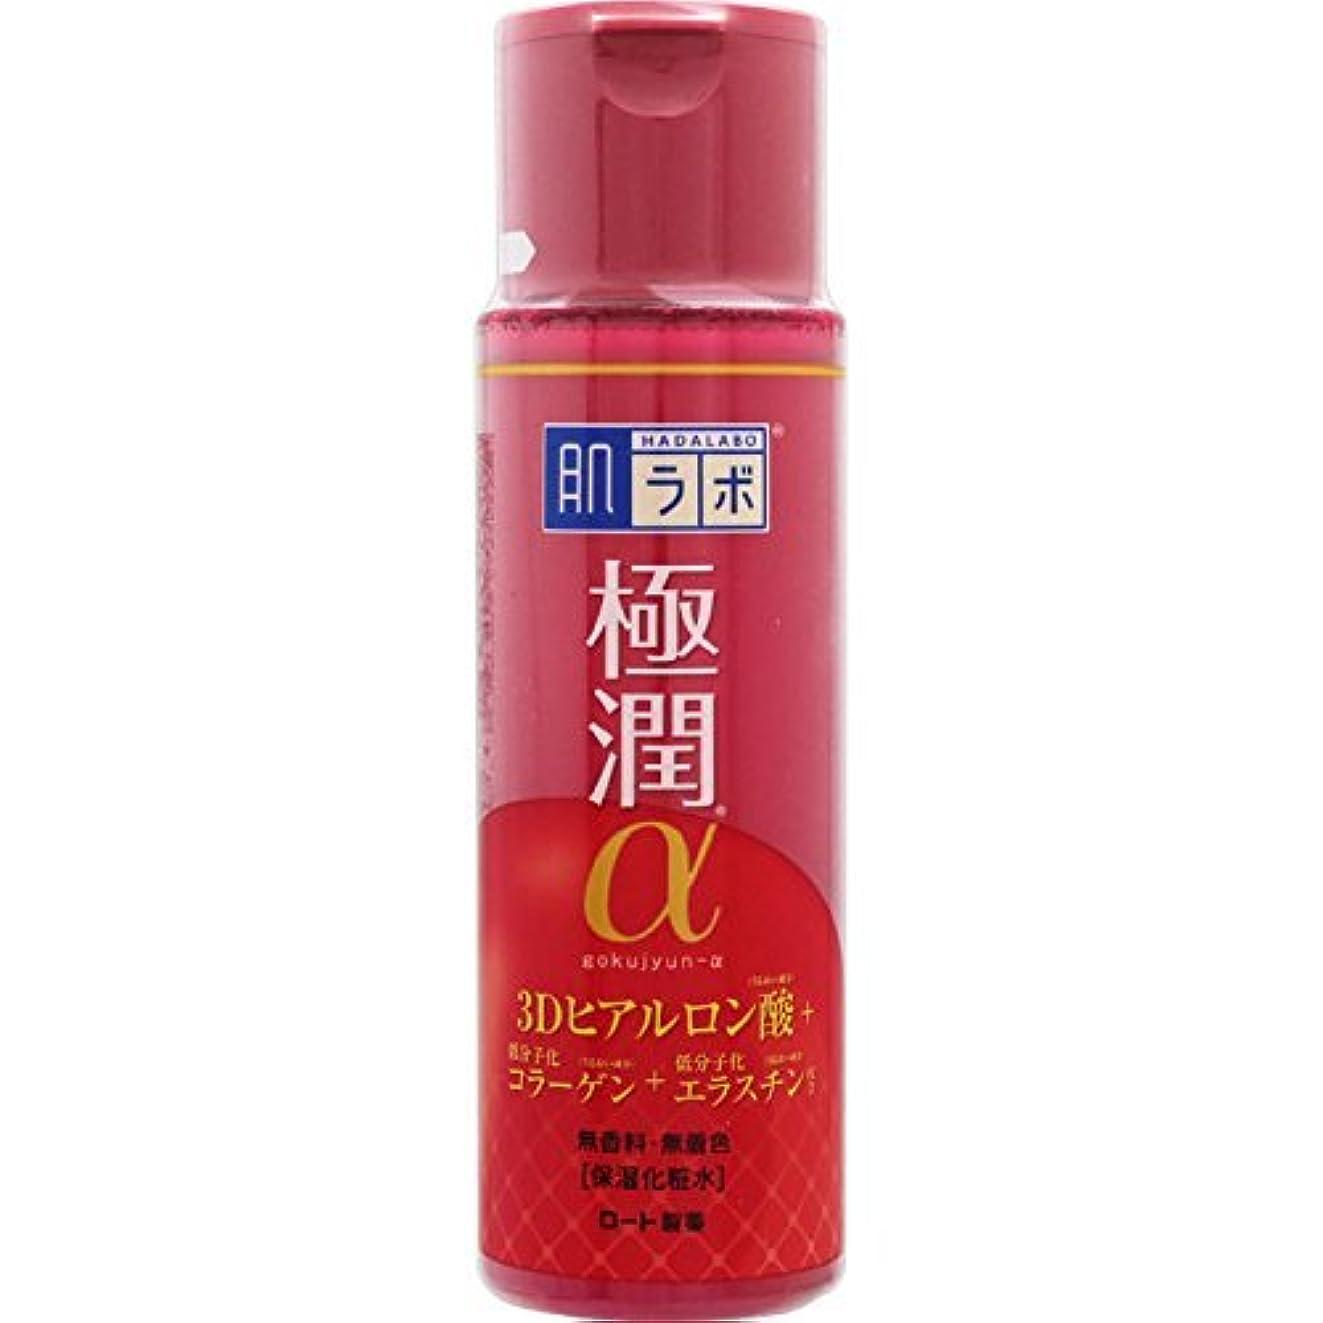 より良いパークさびた肌ラボ 極潤α ハリ化粧水 3Dヒアルロン酸×低分子化コラーゲン×低分子化エラスチン配合 170ml